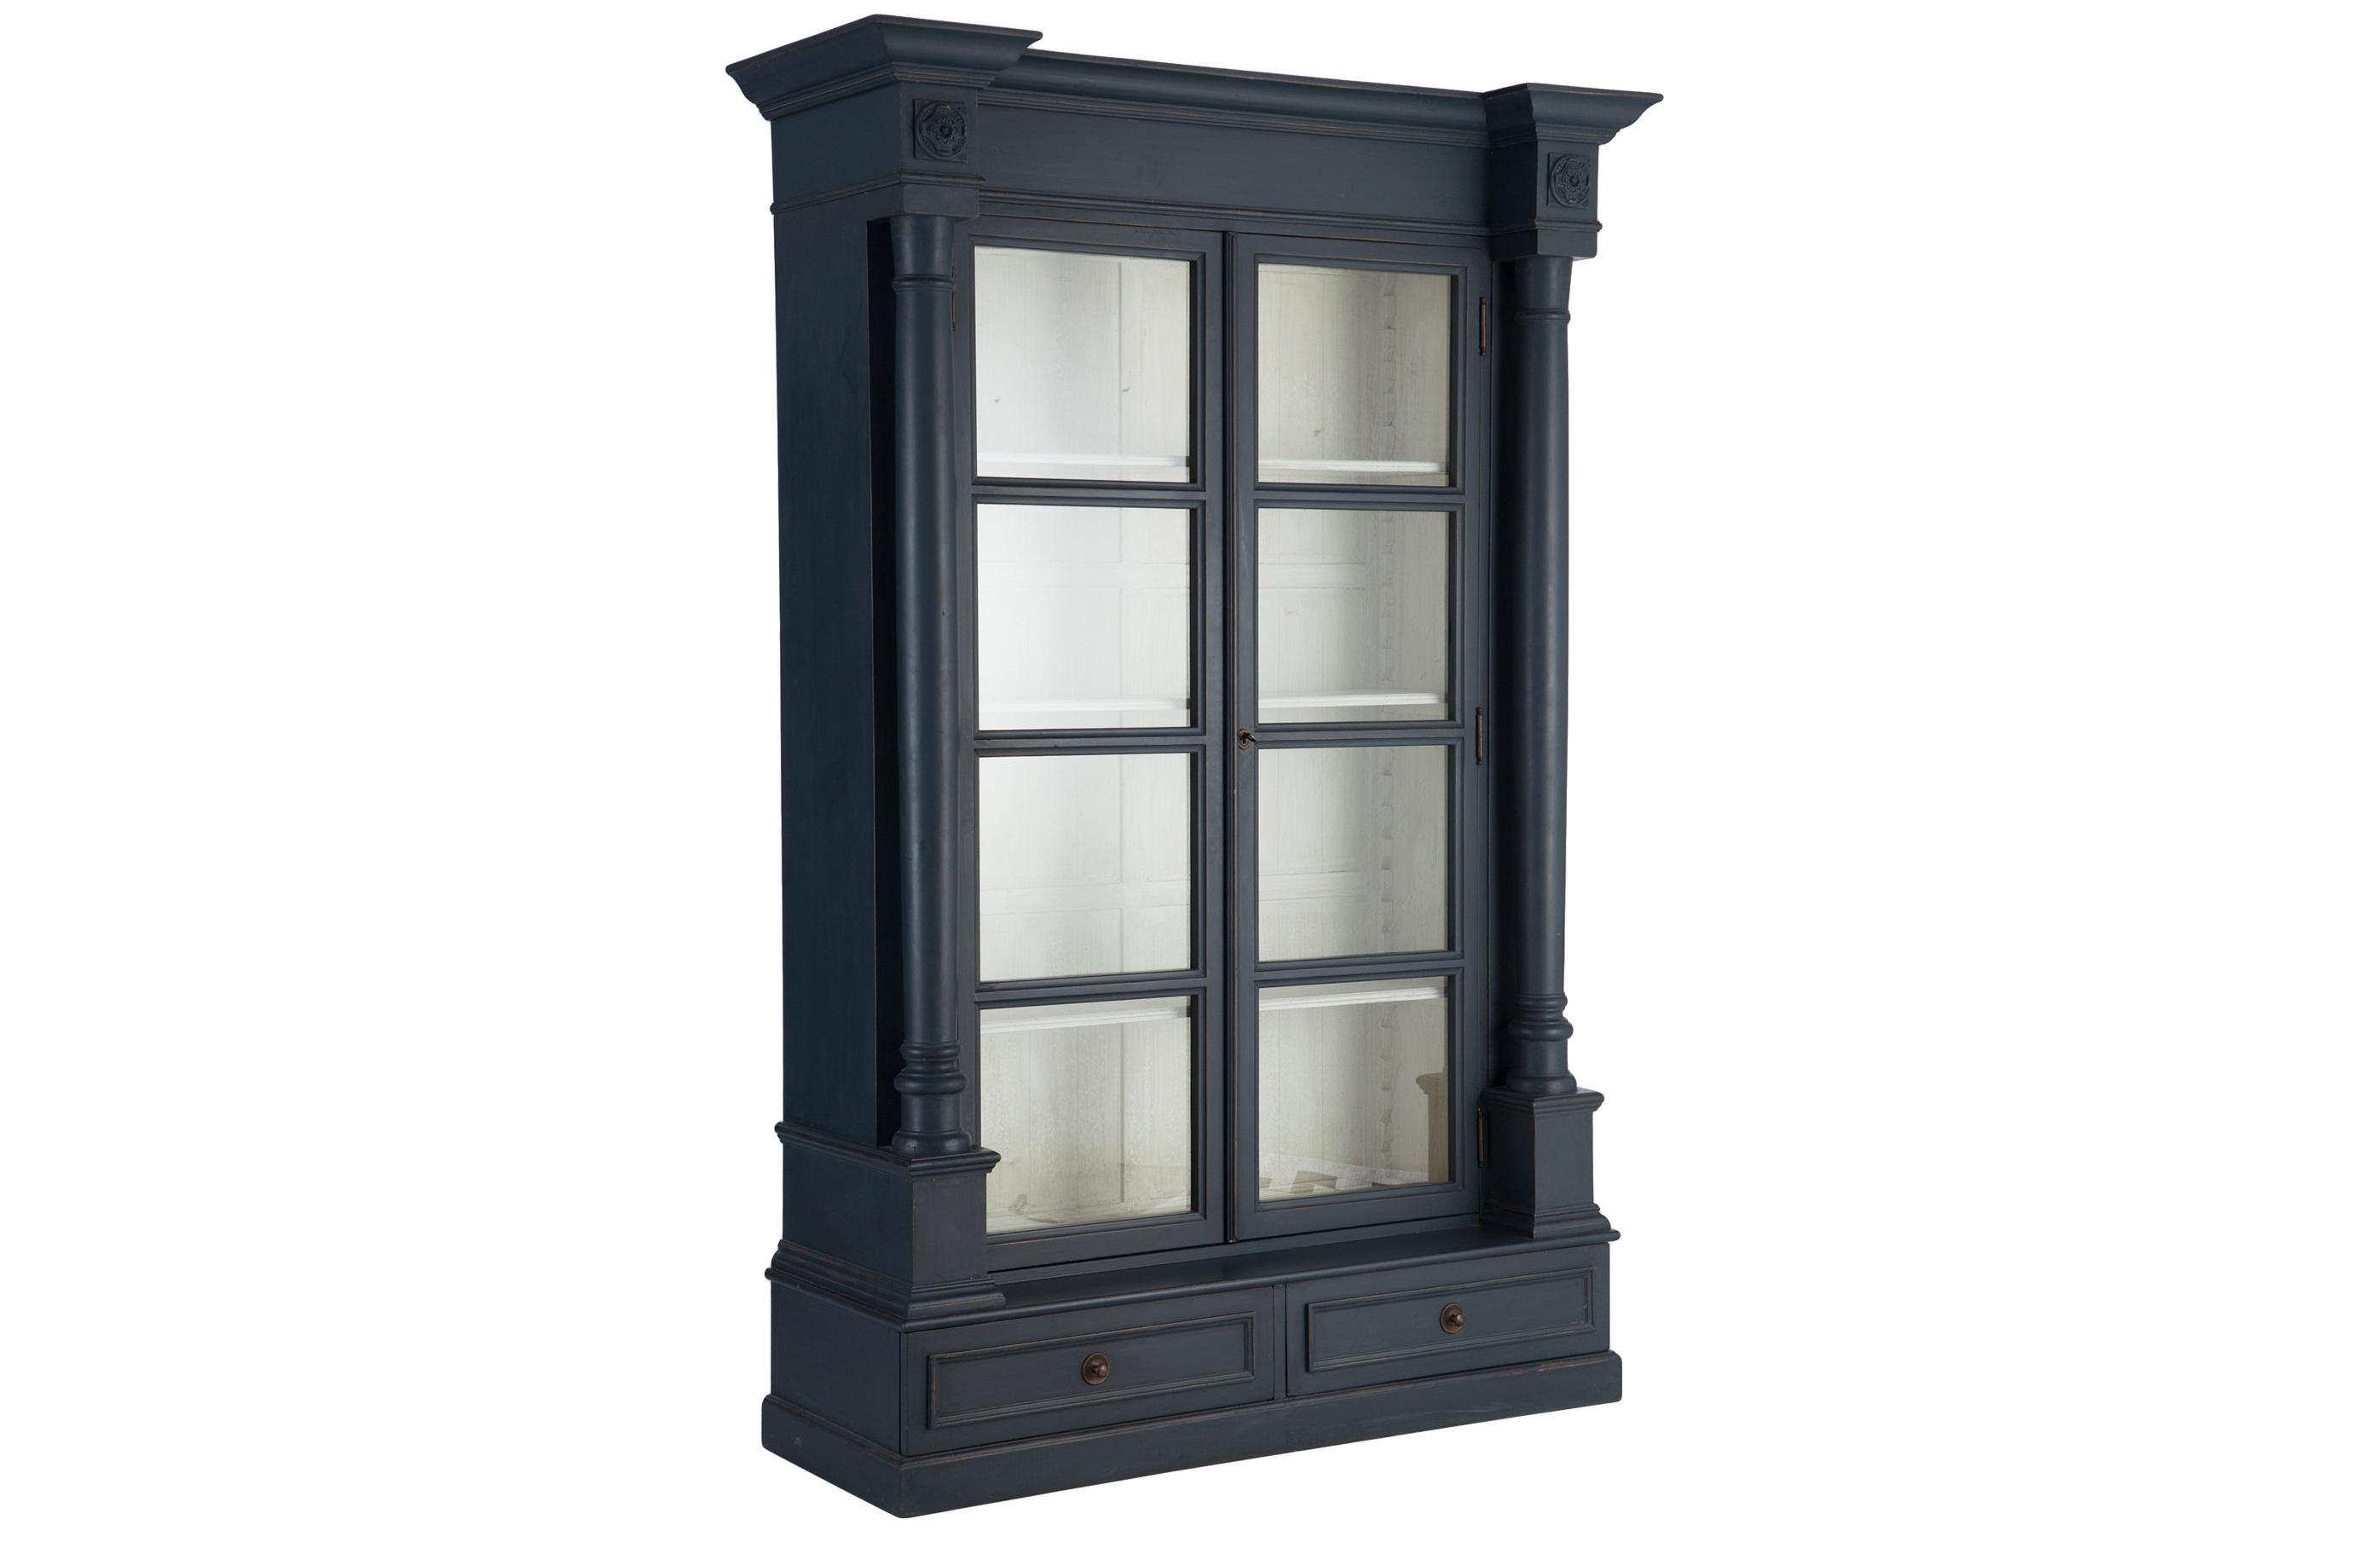 БиблиотекаКнижные шкафы и библиотеки<br>Библиотека в классическом стиле, украшена резными элементами. Дверцы со стеклом.Матовый синий цвет снаружи. Внутри белый цвет с патиной.<br><br>Material: Береза<br>Width см: 155<br>Depth см: 57<br>Height см: 235